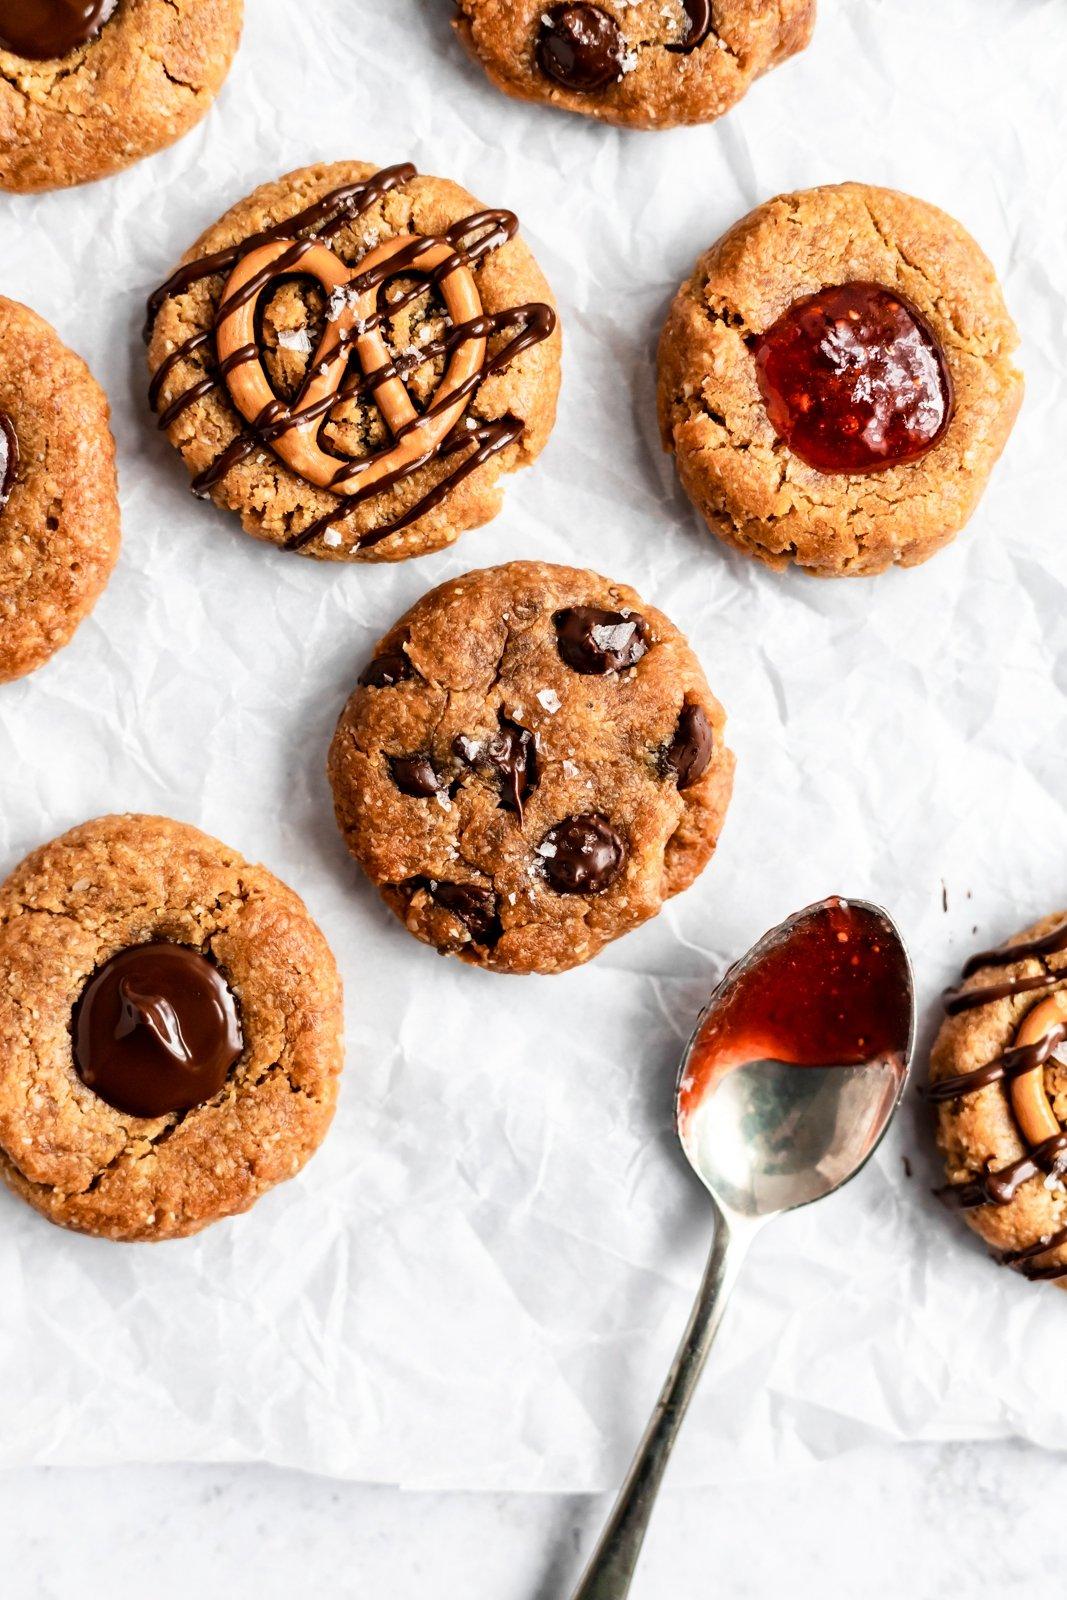 vegan peanut butter cookies on parchment paper